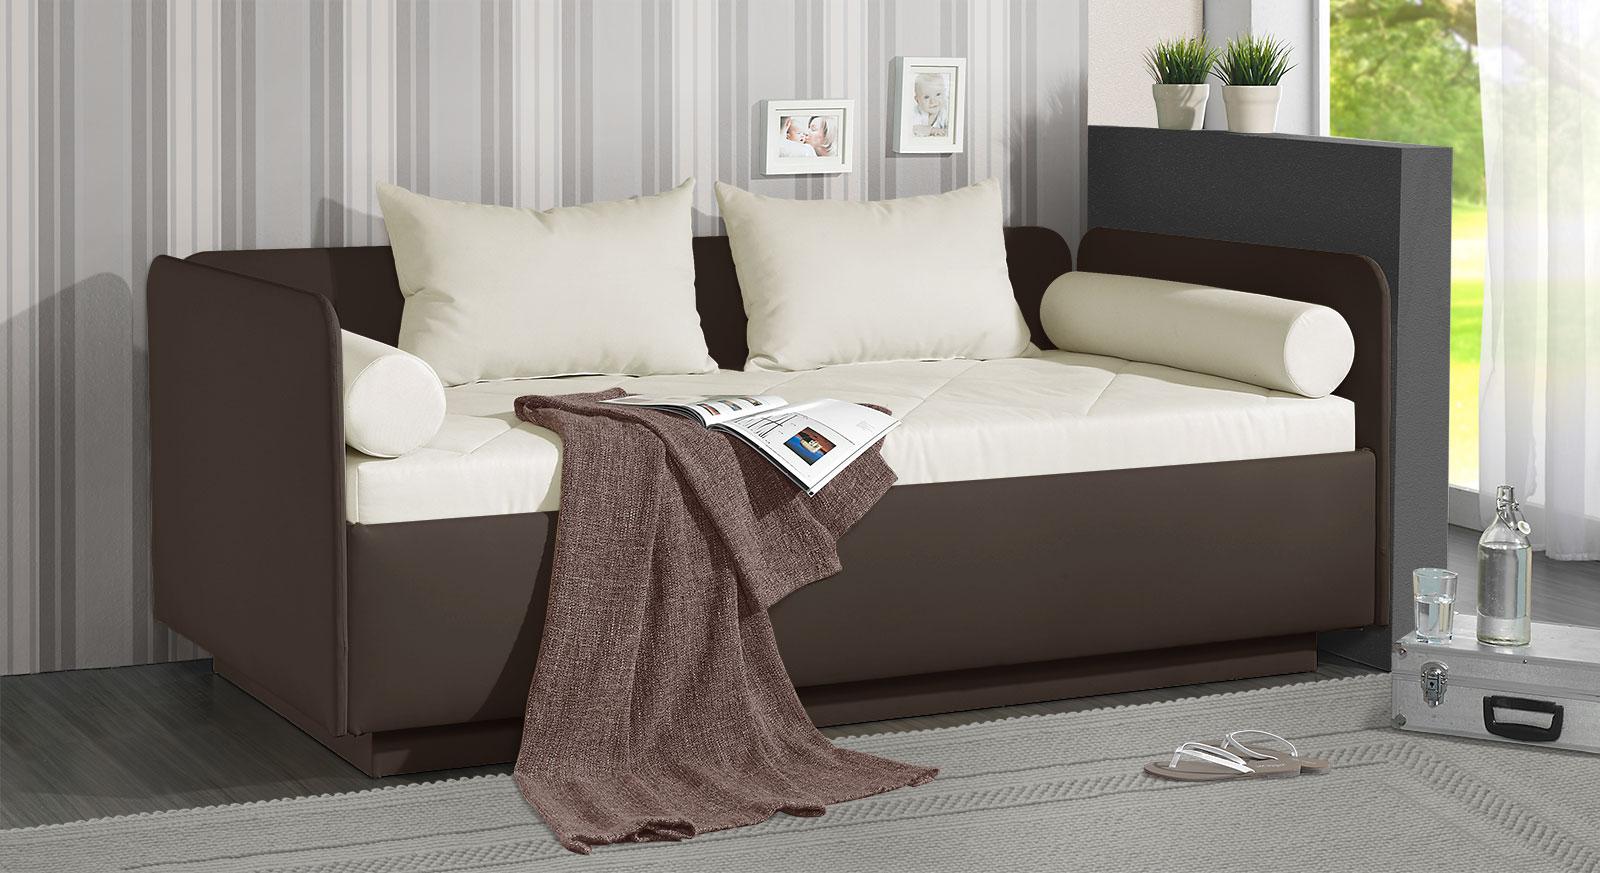 aktuelle schlafsofas in unserem test und vergleich 2018. Black Bedroom Furniture Sets. Home Design Ideas